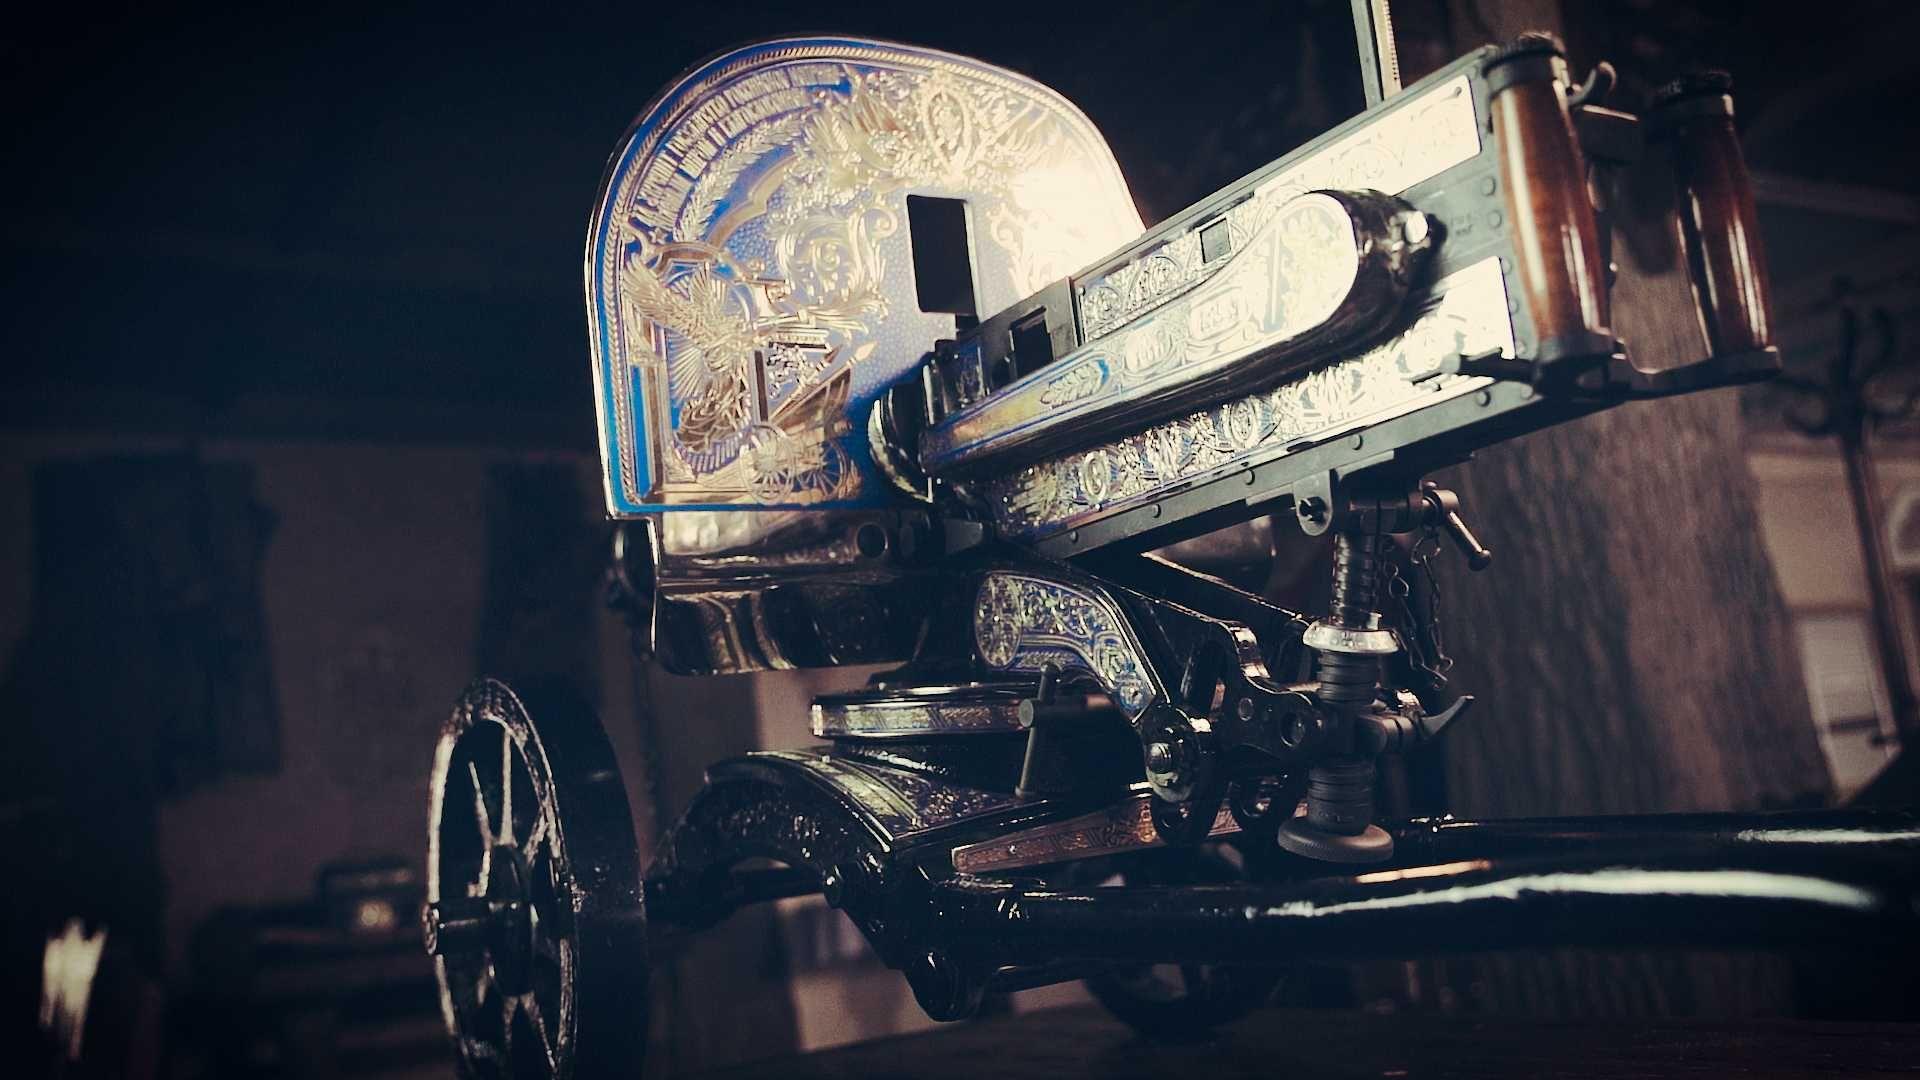 Дорогой VIP подарок макет Пулемет Максим украшенный золотом